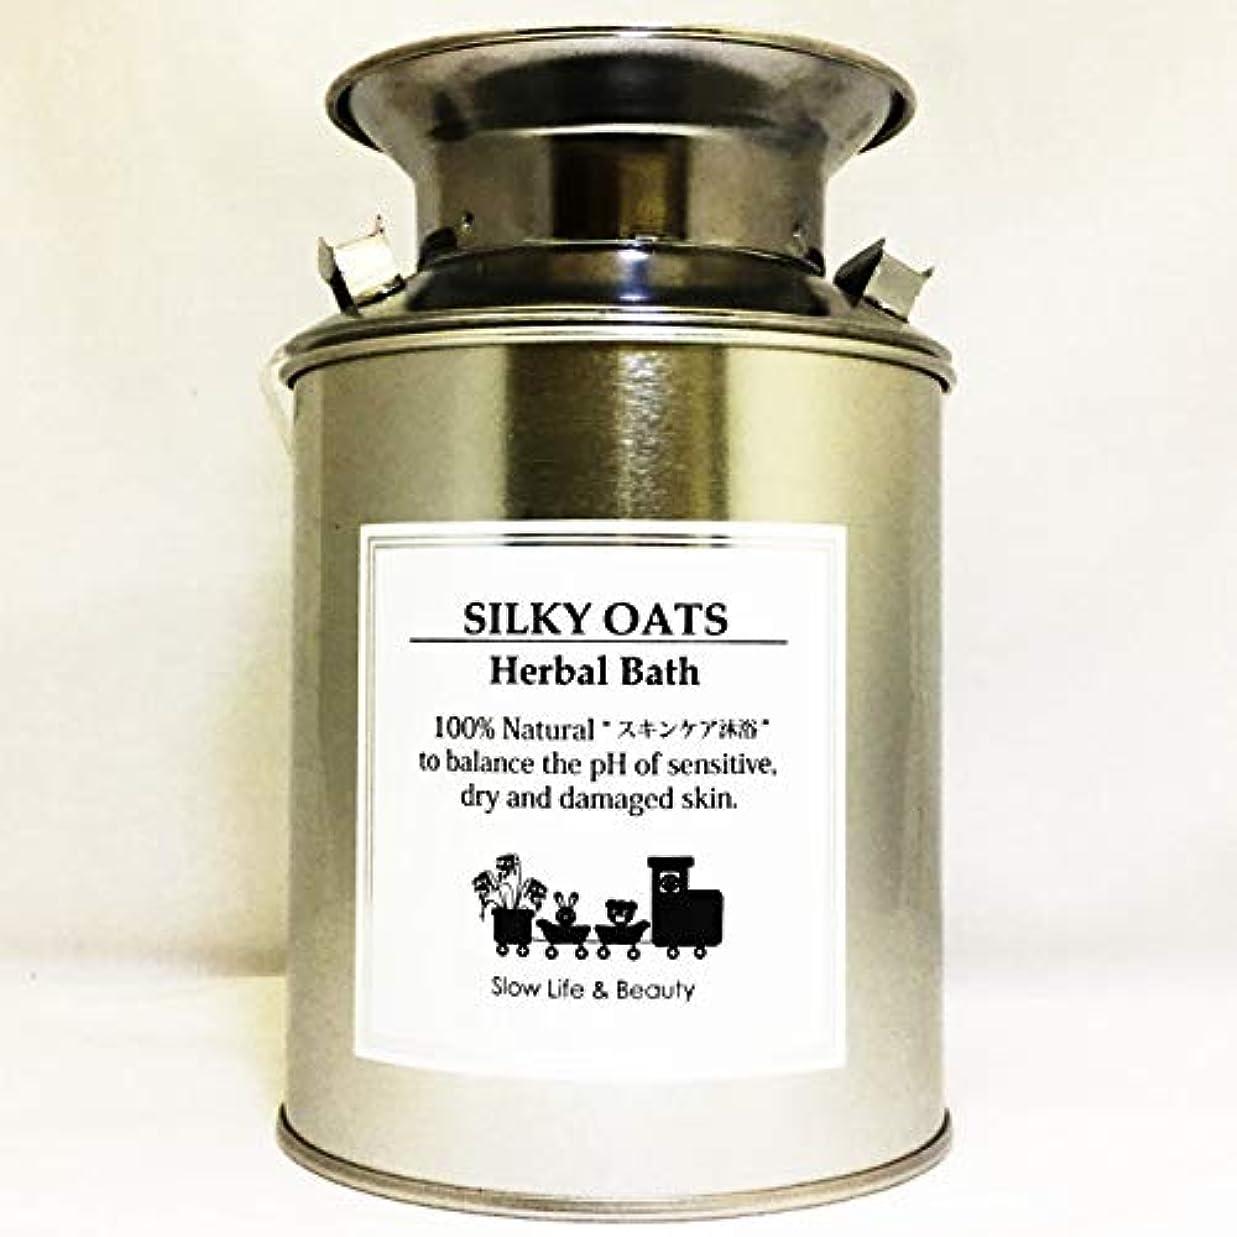 ロケーション評論家学生シーラン SEARUN SILKY OATS Herbal Bath(ハーバルバス)10g×20袋